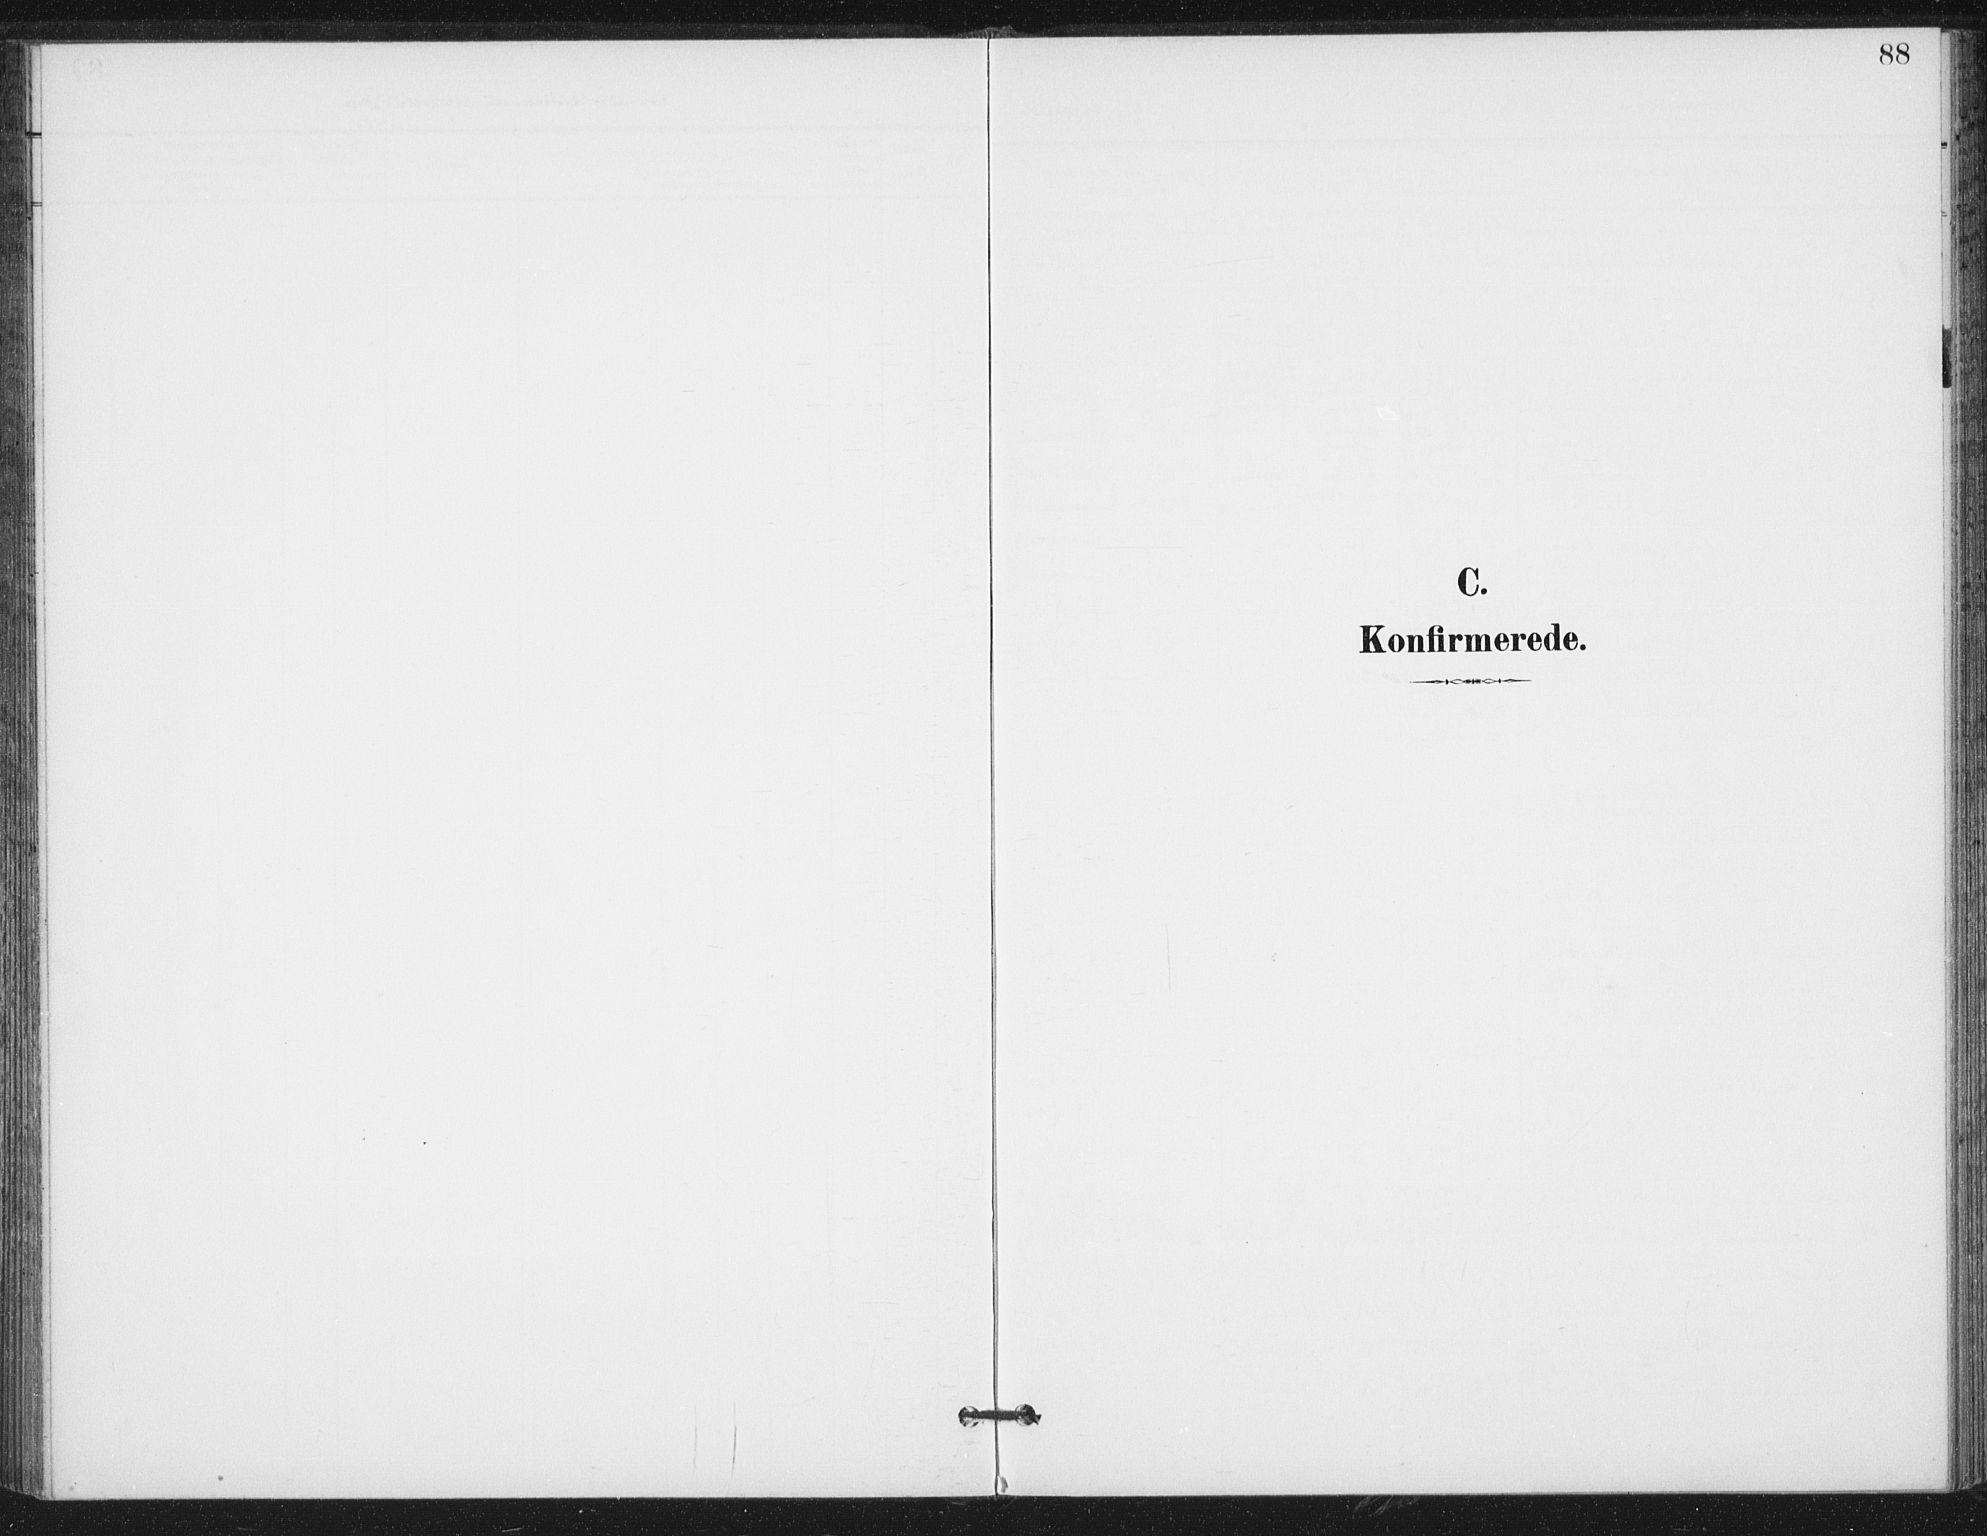 SAT, Ministerialprotokoller, klokkerbøker og fødselsregistre - Nord-Trøndelag, 714/L0131: Ministerialbok nr. 714A02, 1896-1918, s. 88